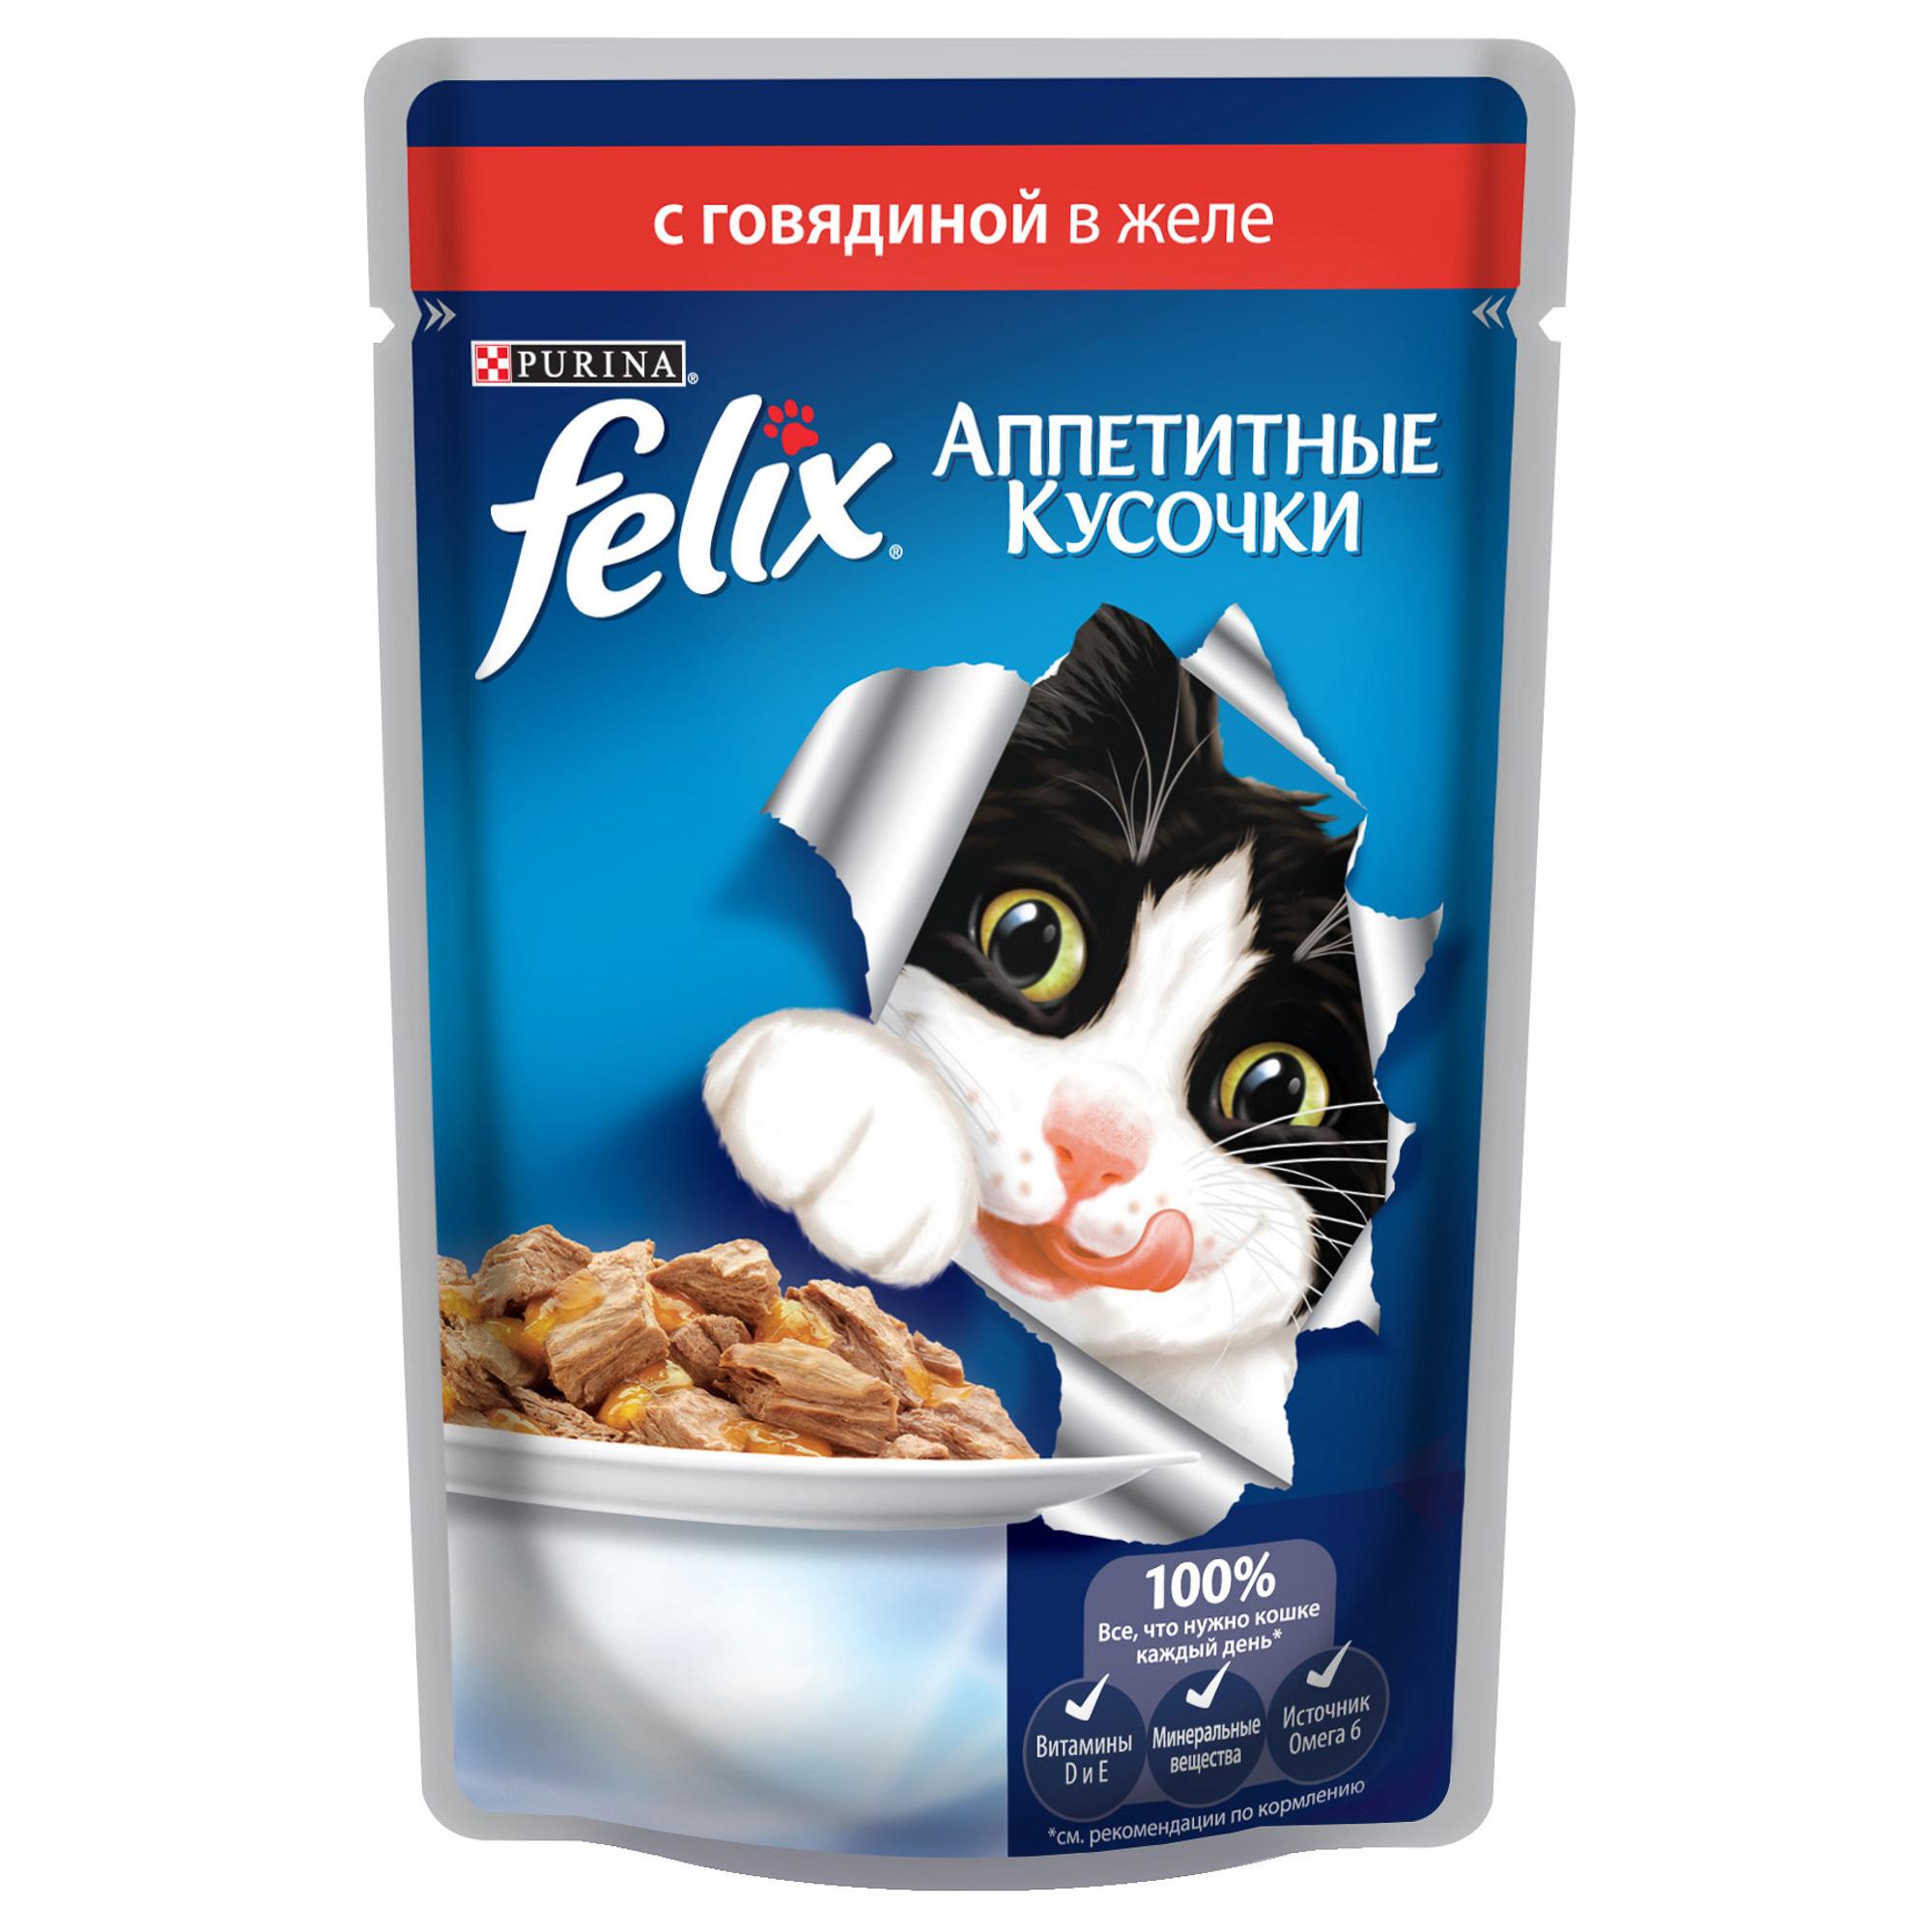 Корм для кошек FELIX Говядина в желе 85г felix корм для кошек сенсейшнс говядина в желе с томатами felix